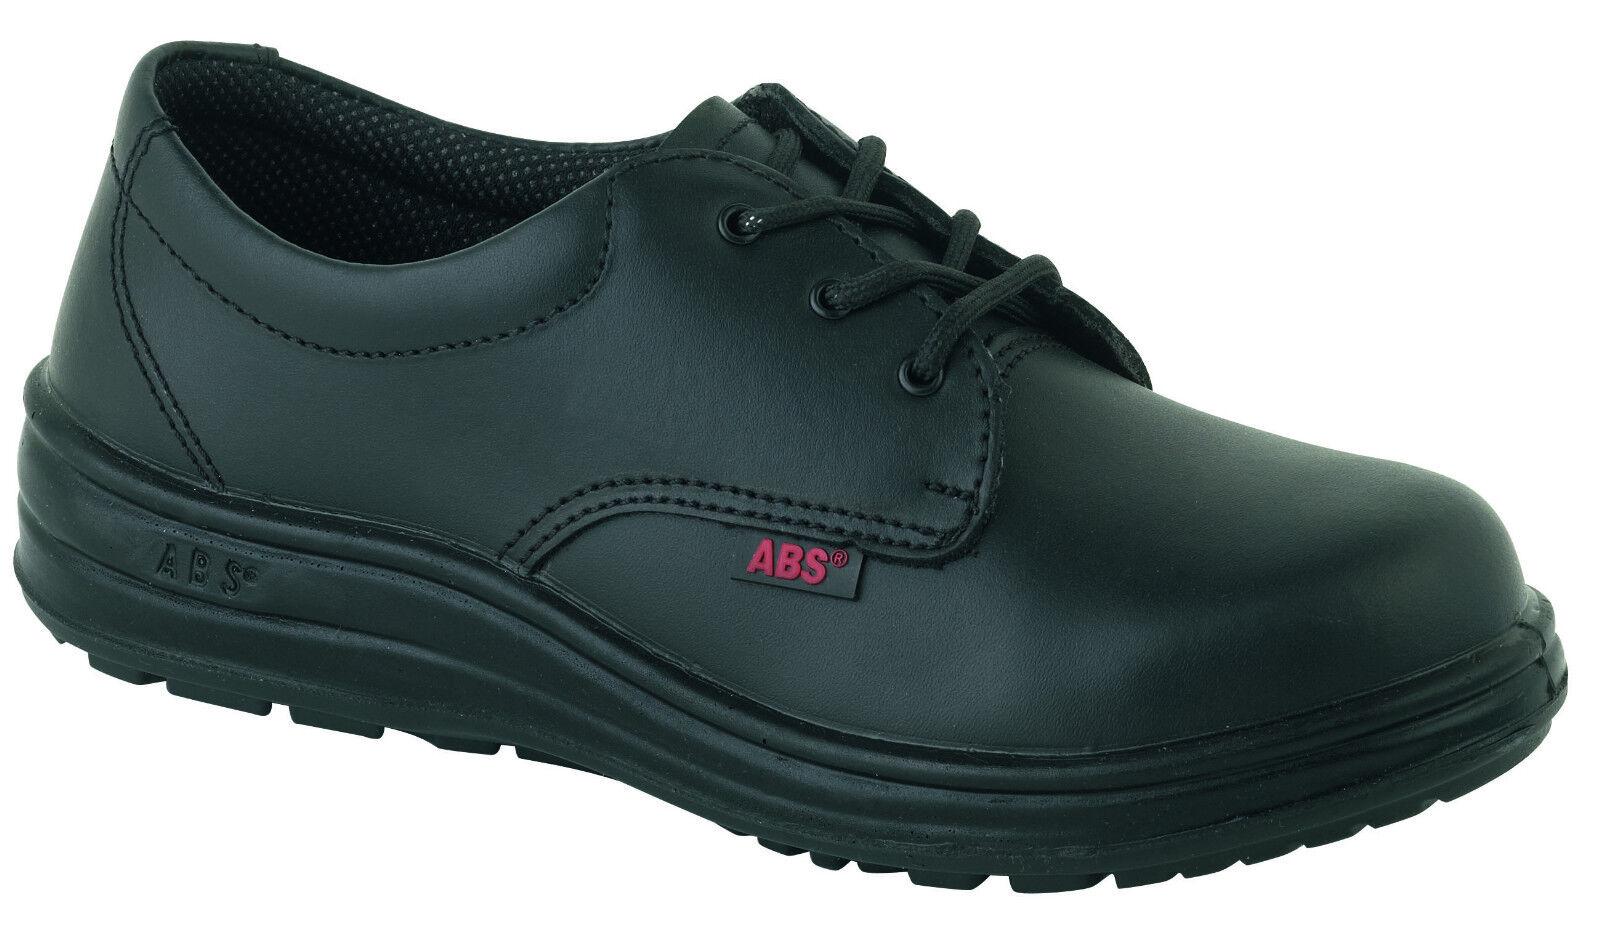 ABS 121pr Negro seguridad Mujer impermeables Puntera de Acero Botas seguridad Negro Zapato cdbc87